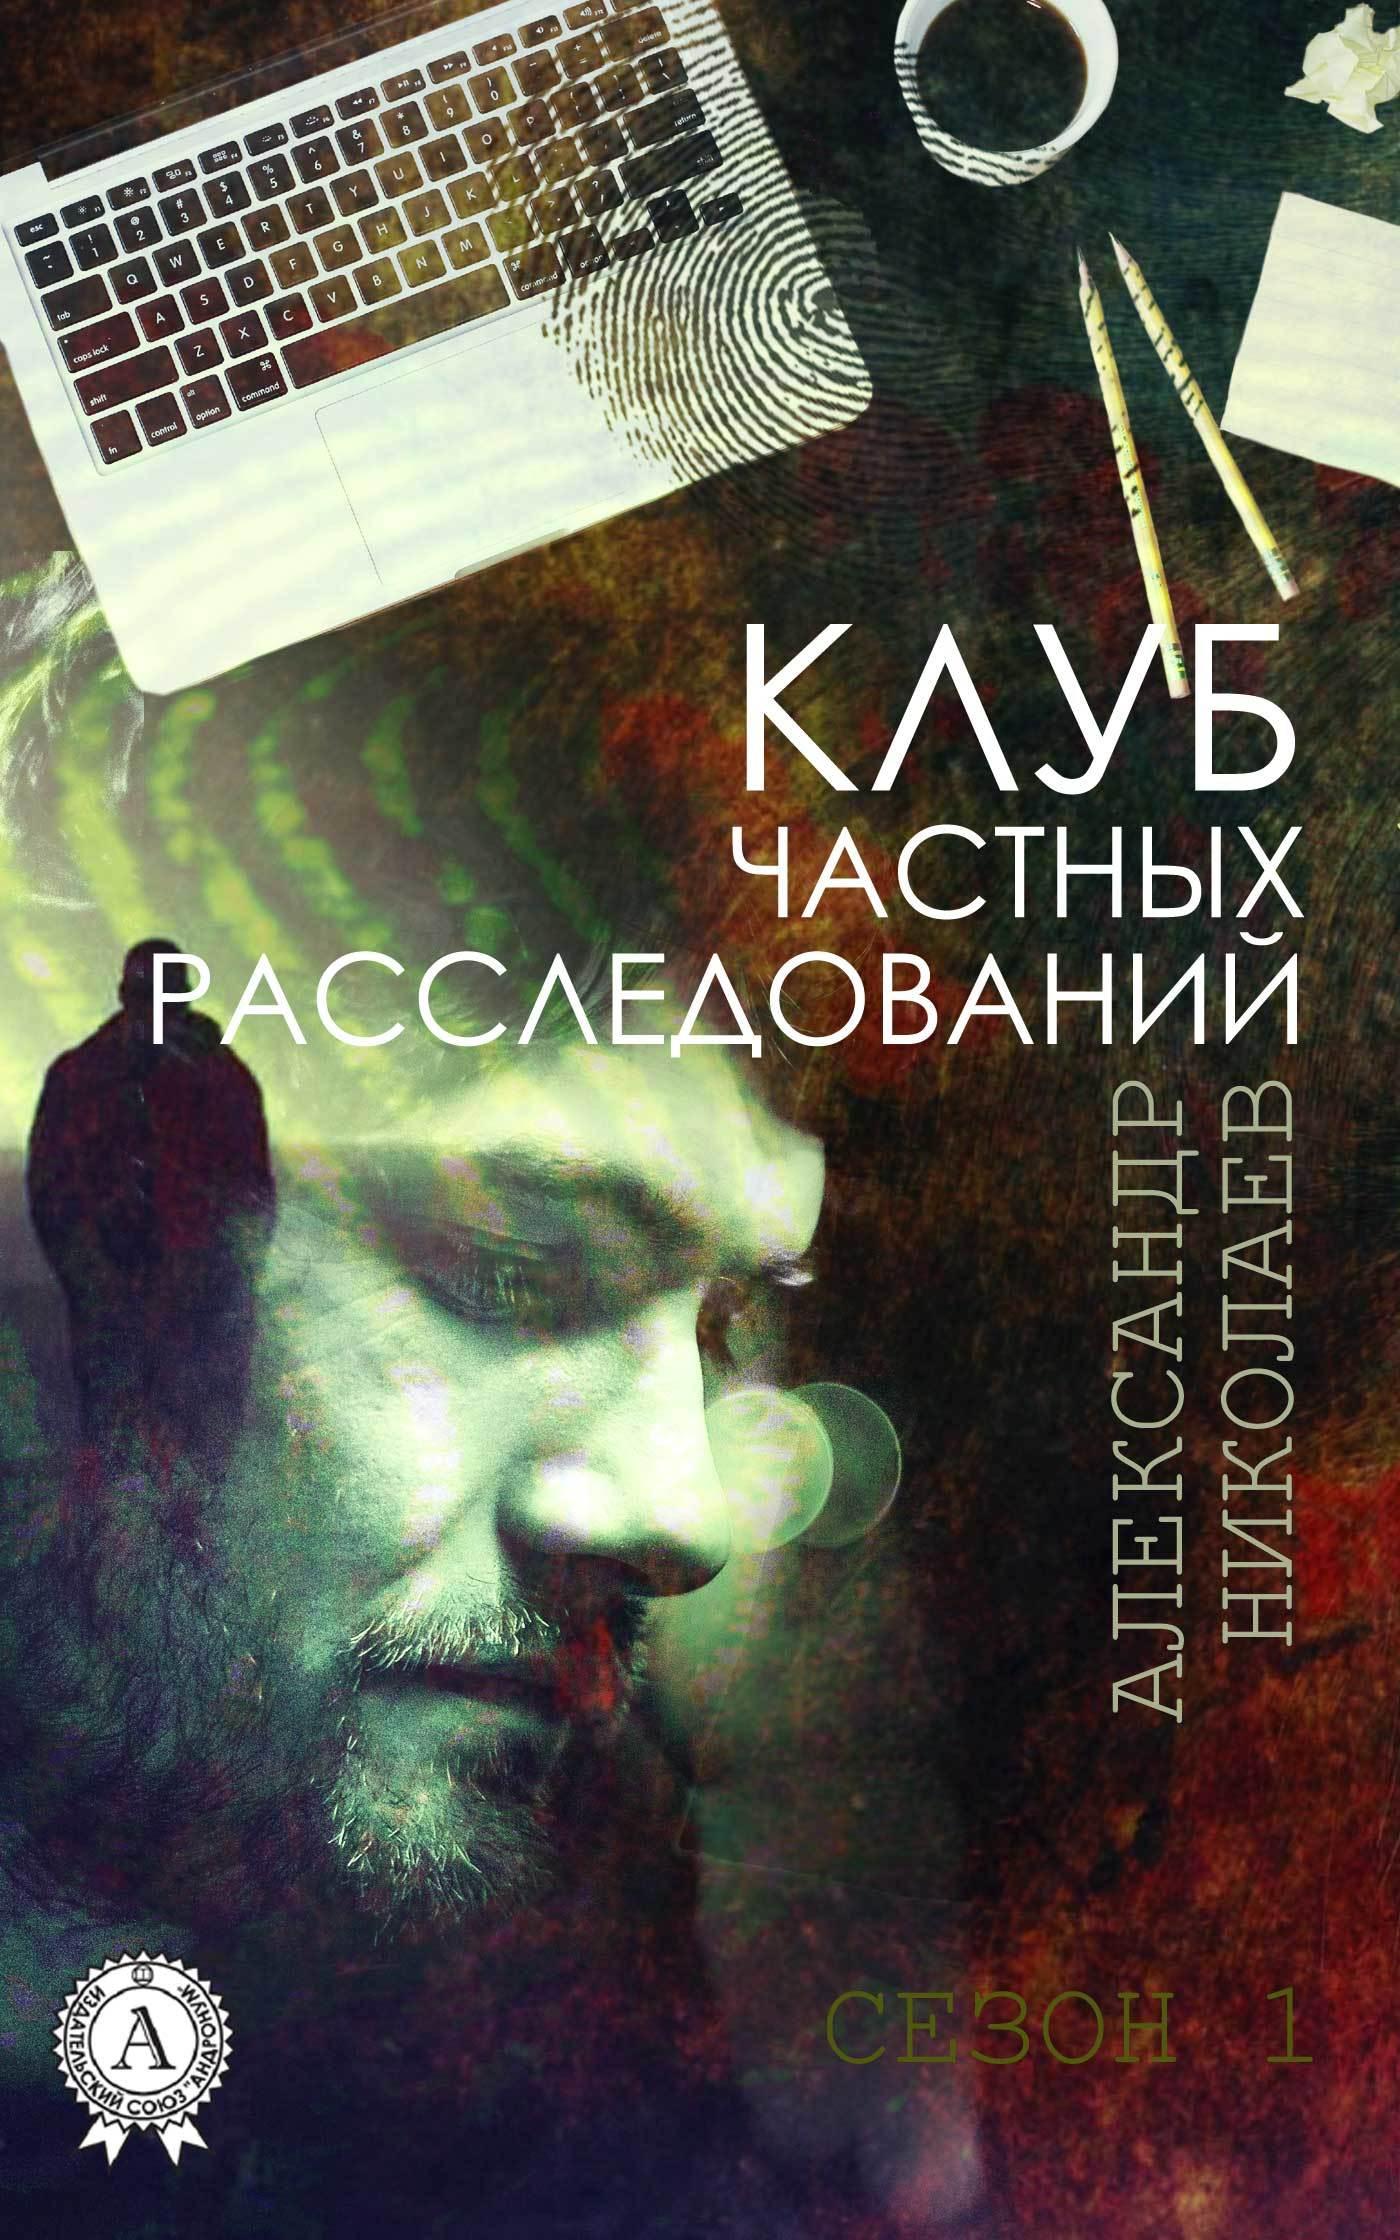 Красивая обложка книги 24/41/62/24416236.bin.dir/24416236.cover.jpg обложка